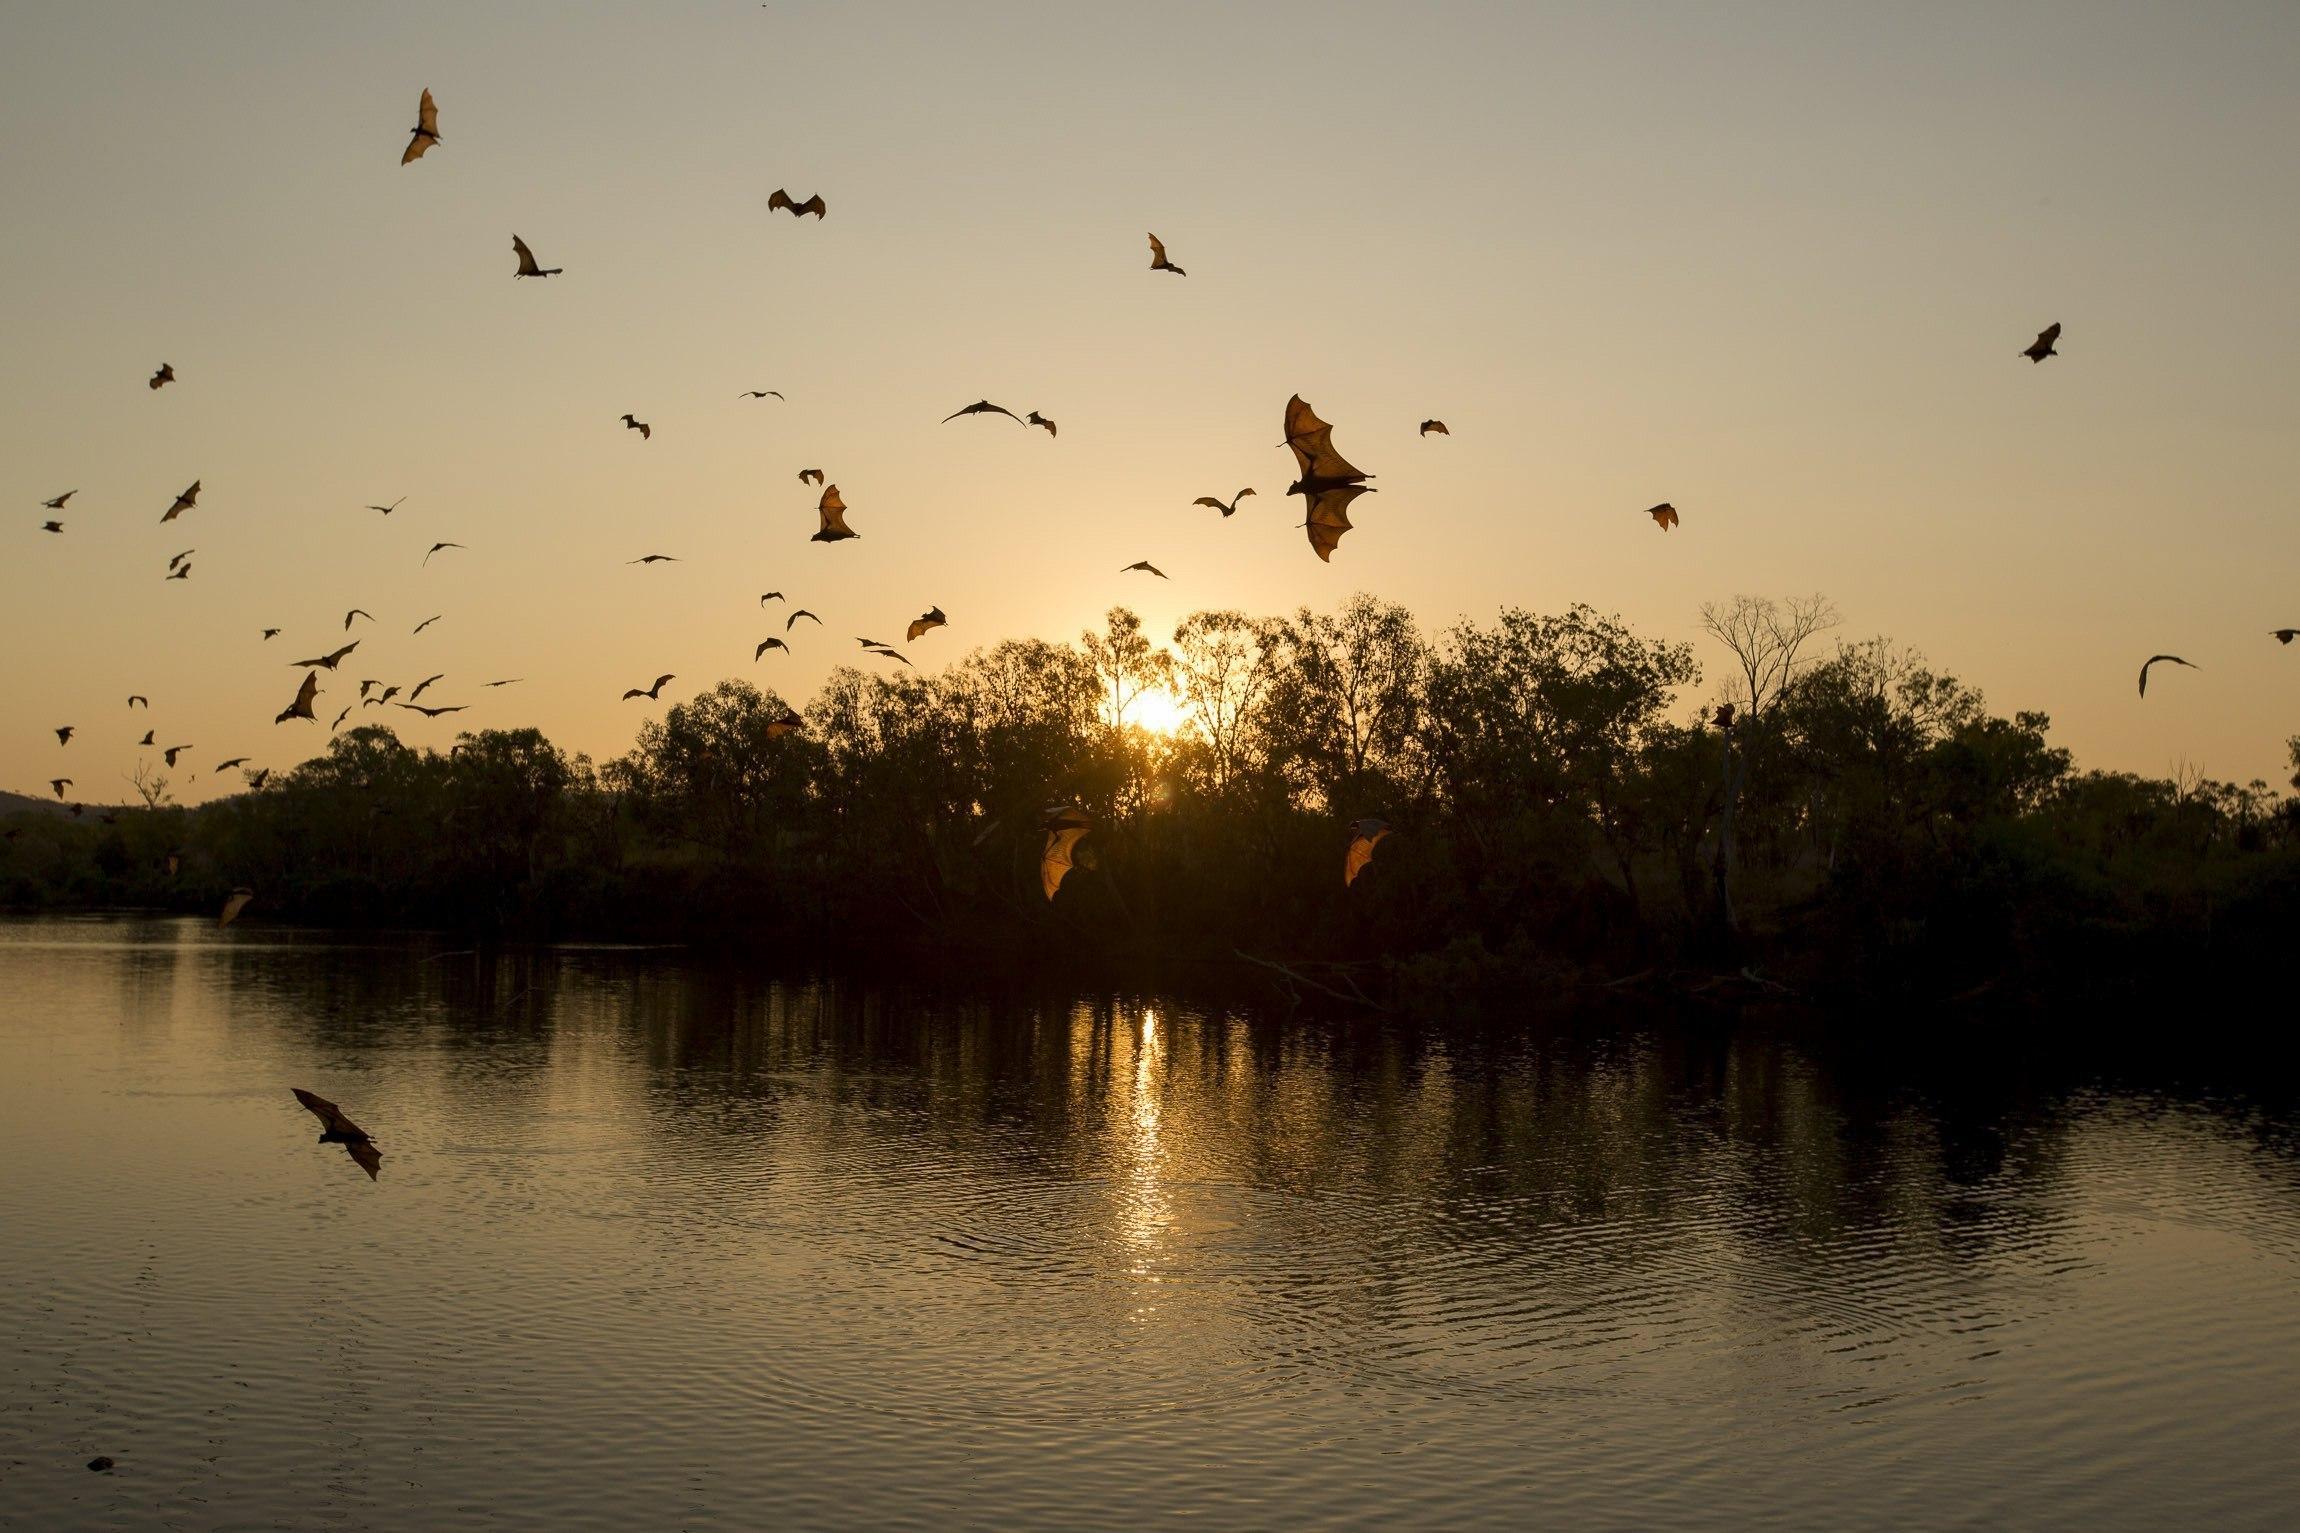 Una colònia de ratapinyades d'ala gran sobrevola el Parc Nacional de Nitmiluk, Austràlia. /GLENN CAMPBELL